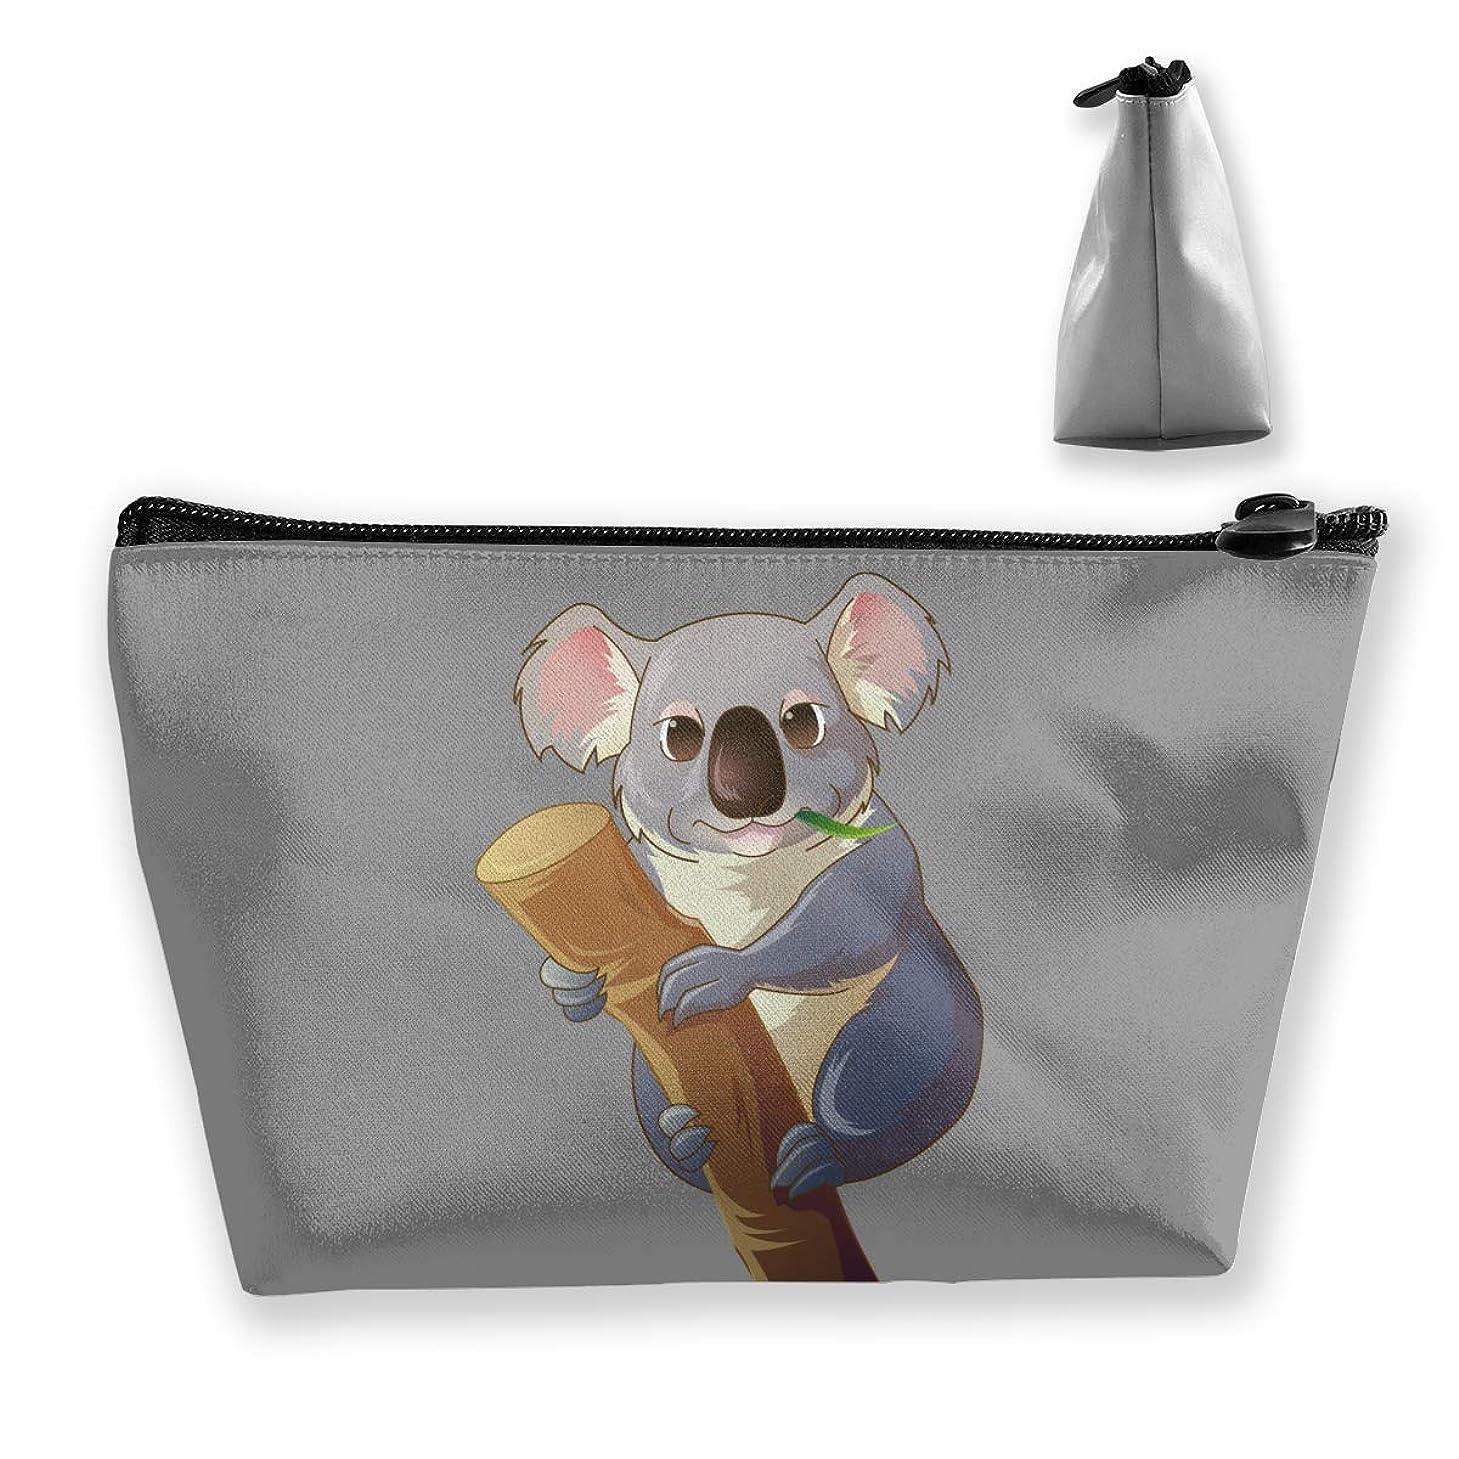 コアラ ペンケース文房具バッグ大容量ペンケース化粧品袋収納袋男の子と女の子多機能浴室シャワーバッグ旅行ポータブルストレージバッグ